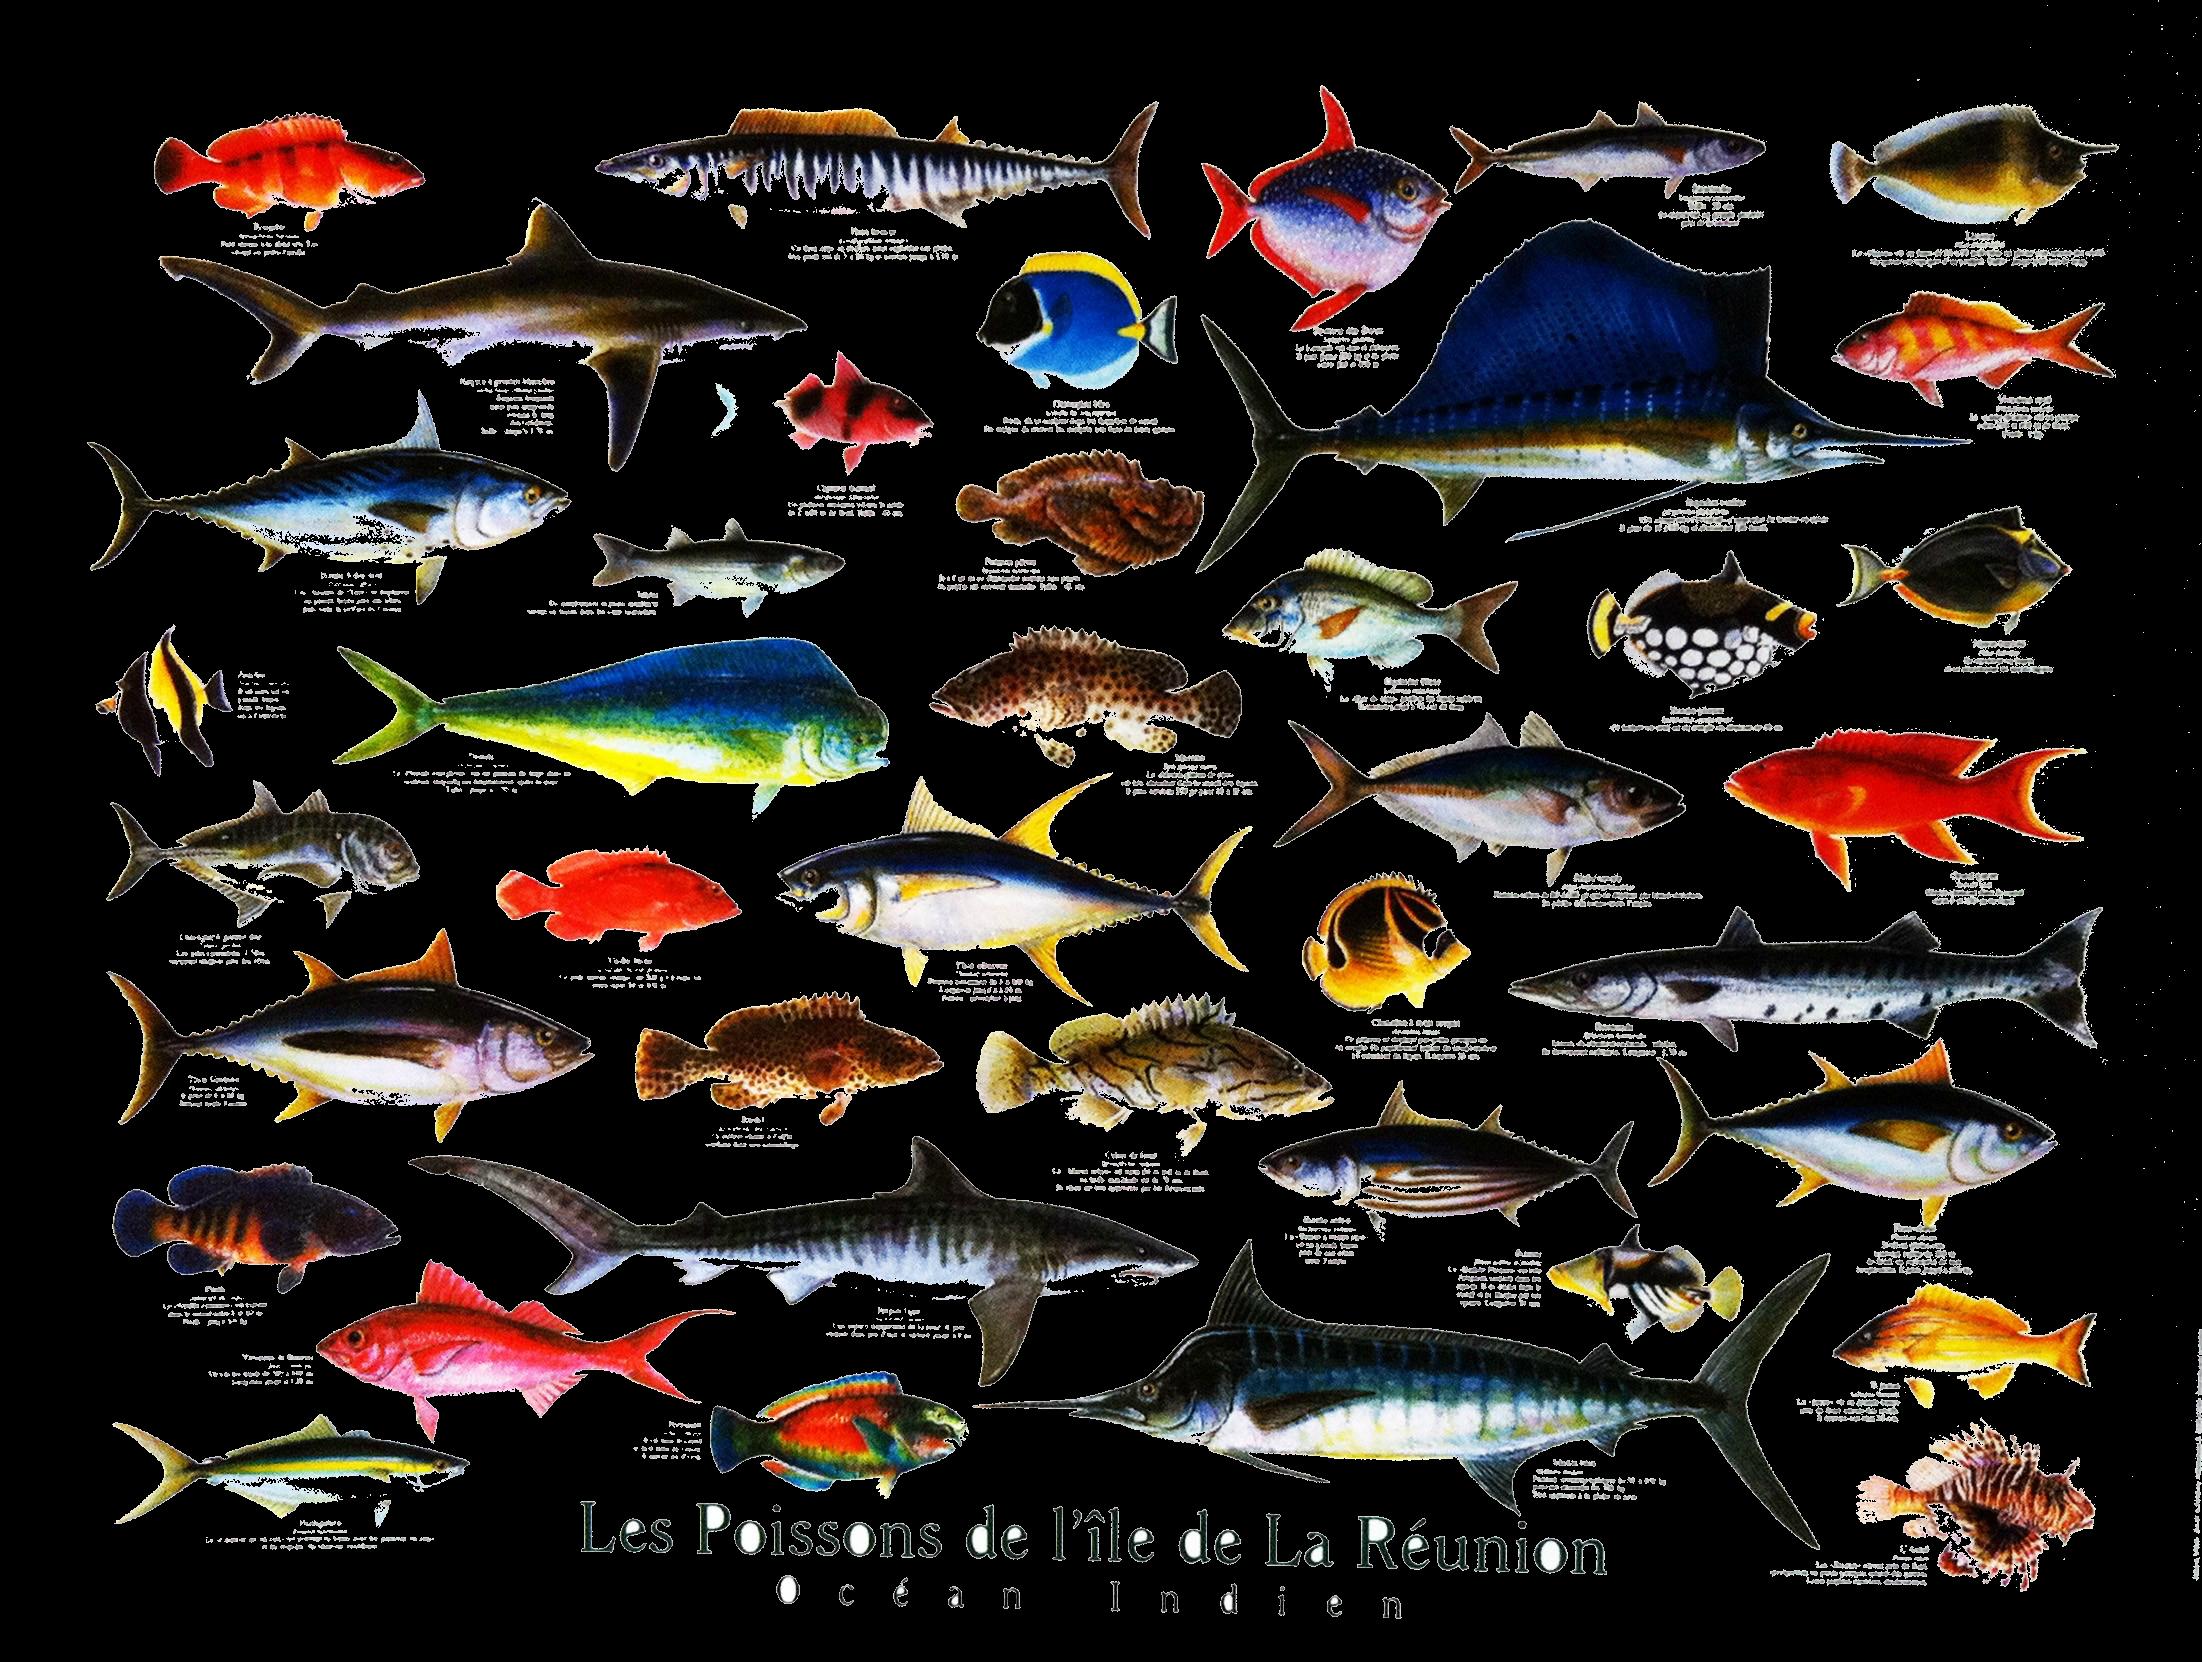 poissons-de-la-reunion